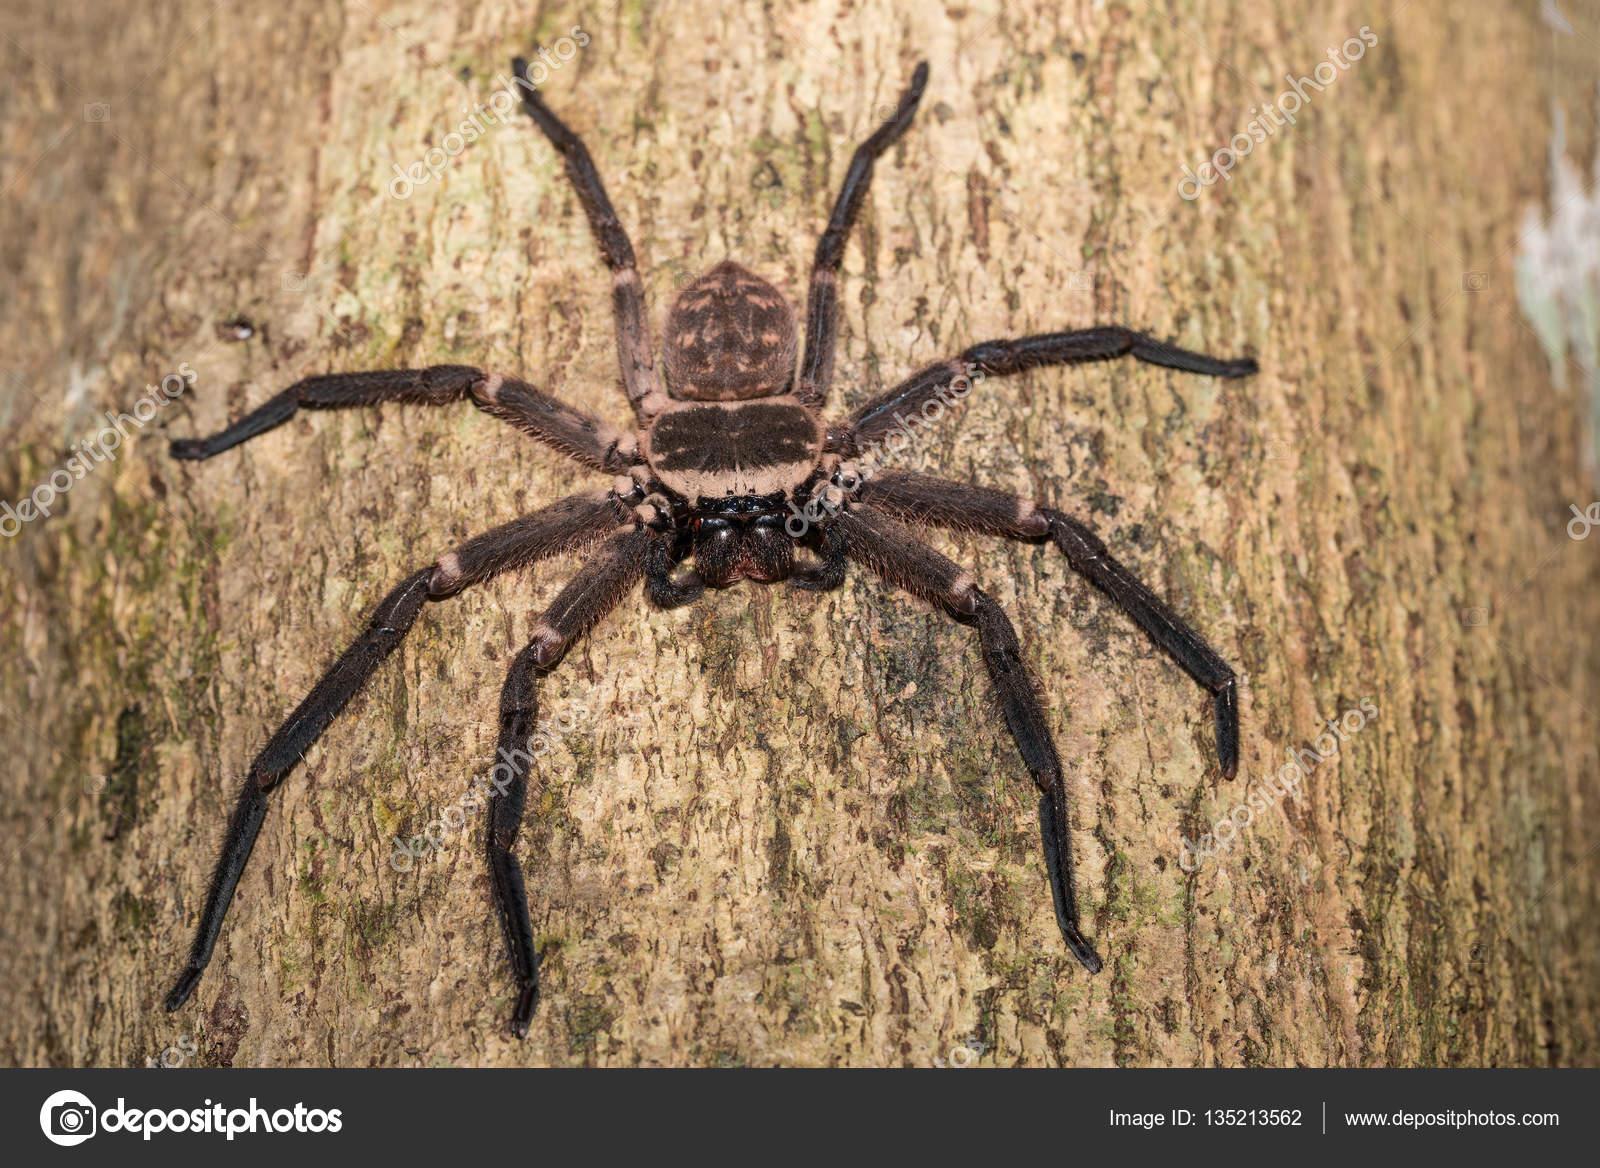 マダガスカルの木に大きなハンツマン クモ — ストック写真